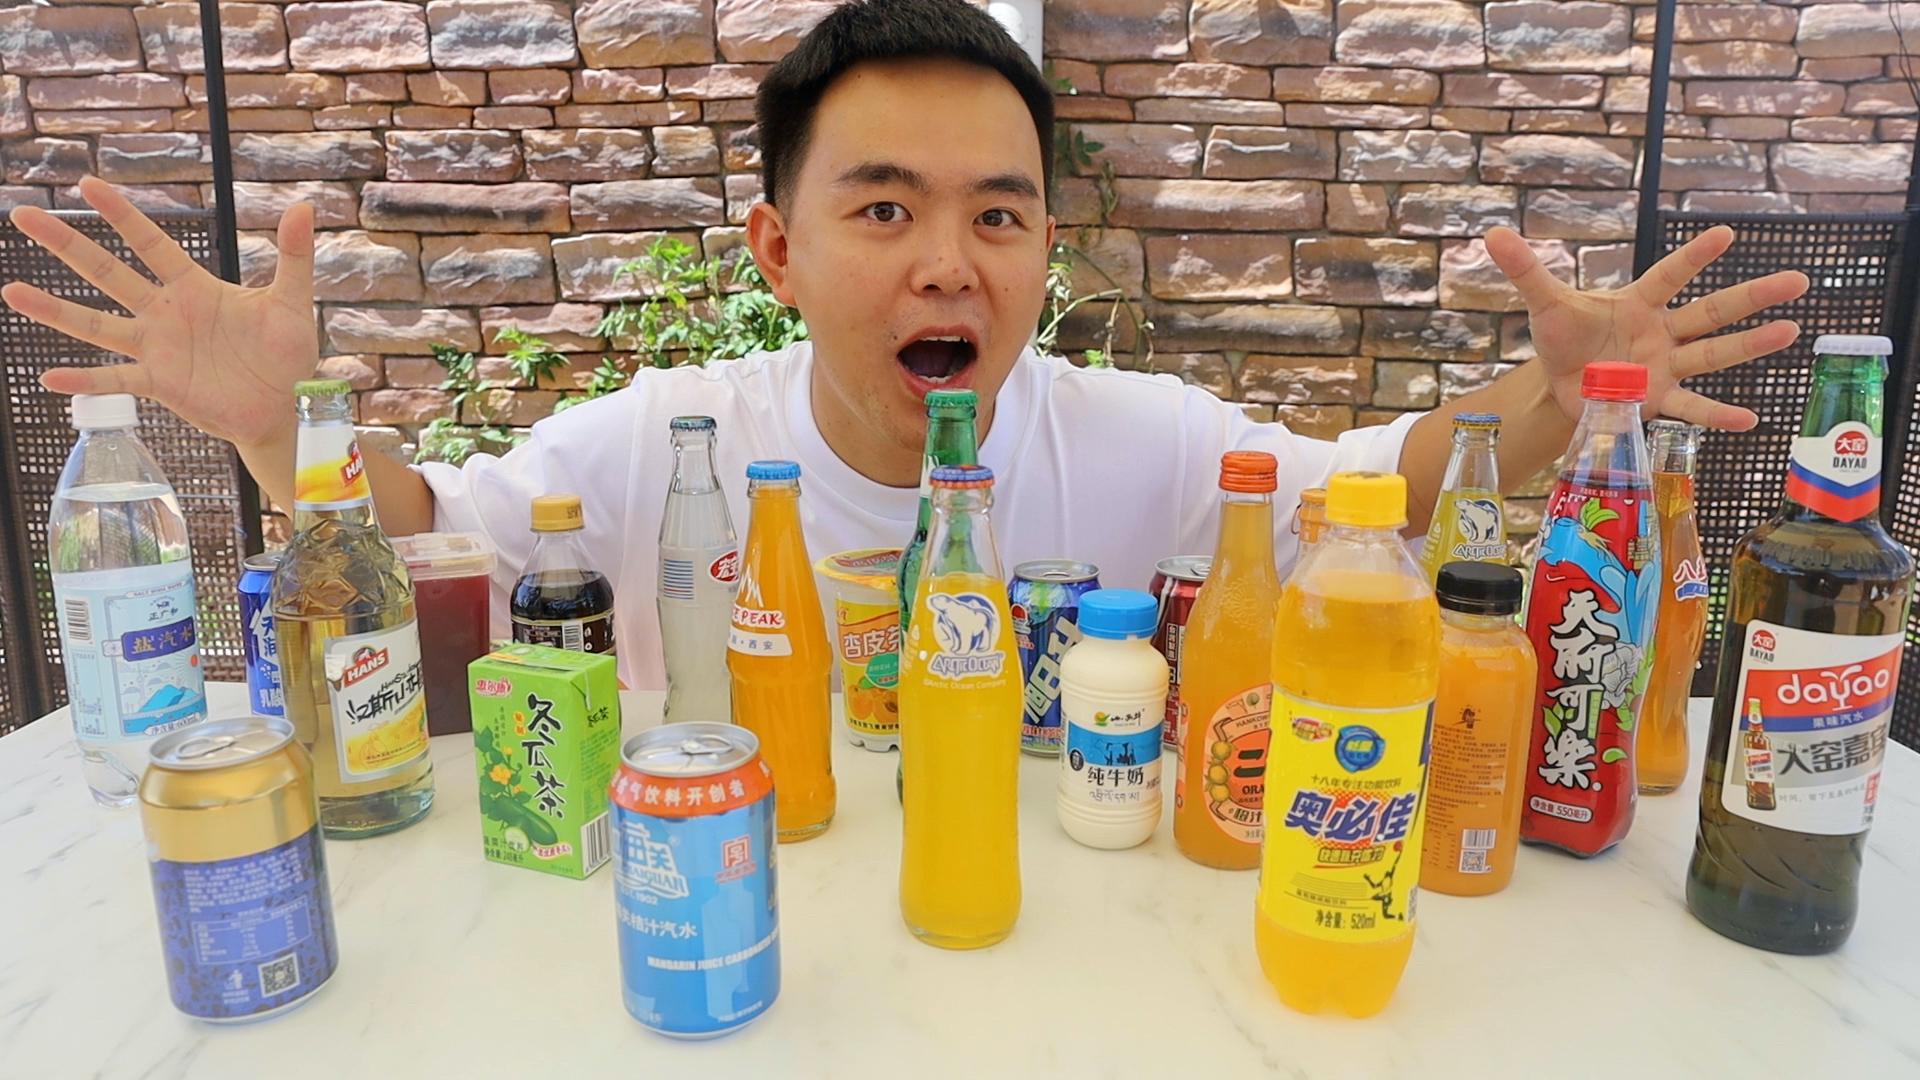 原来全中国每个省都有自己的本命饮料,哪一款是你最浓的童年记忆